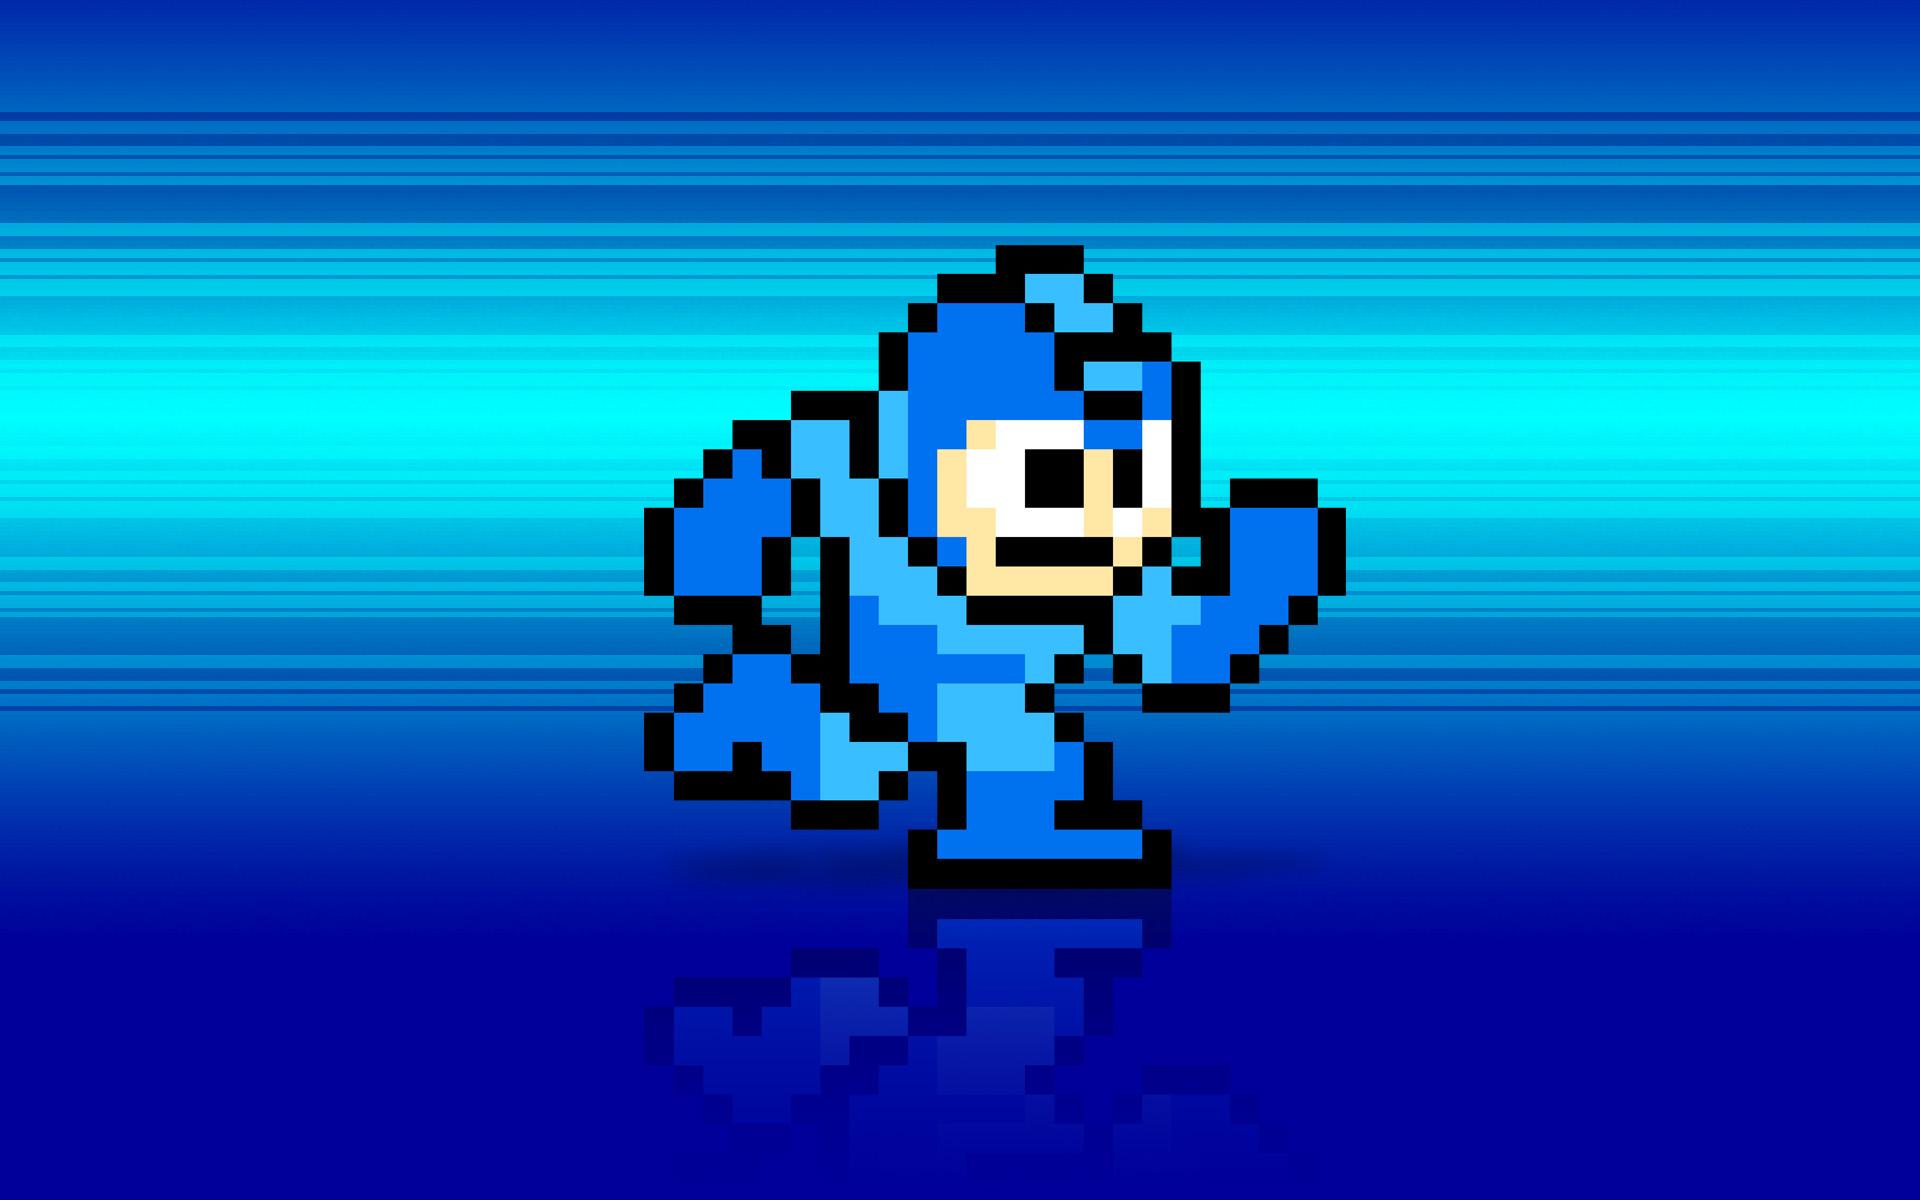 46 Mega Man Iphone Wallpaper On Wallpapersafari